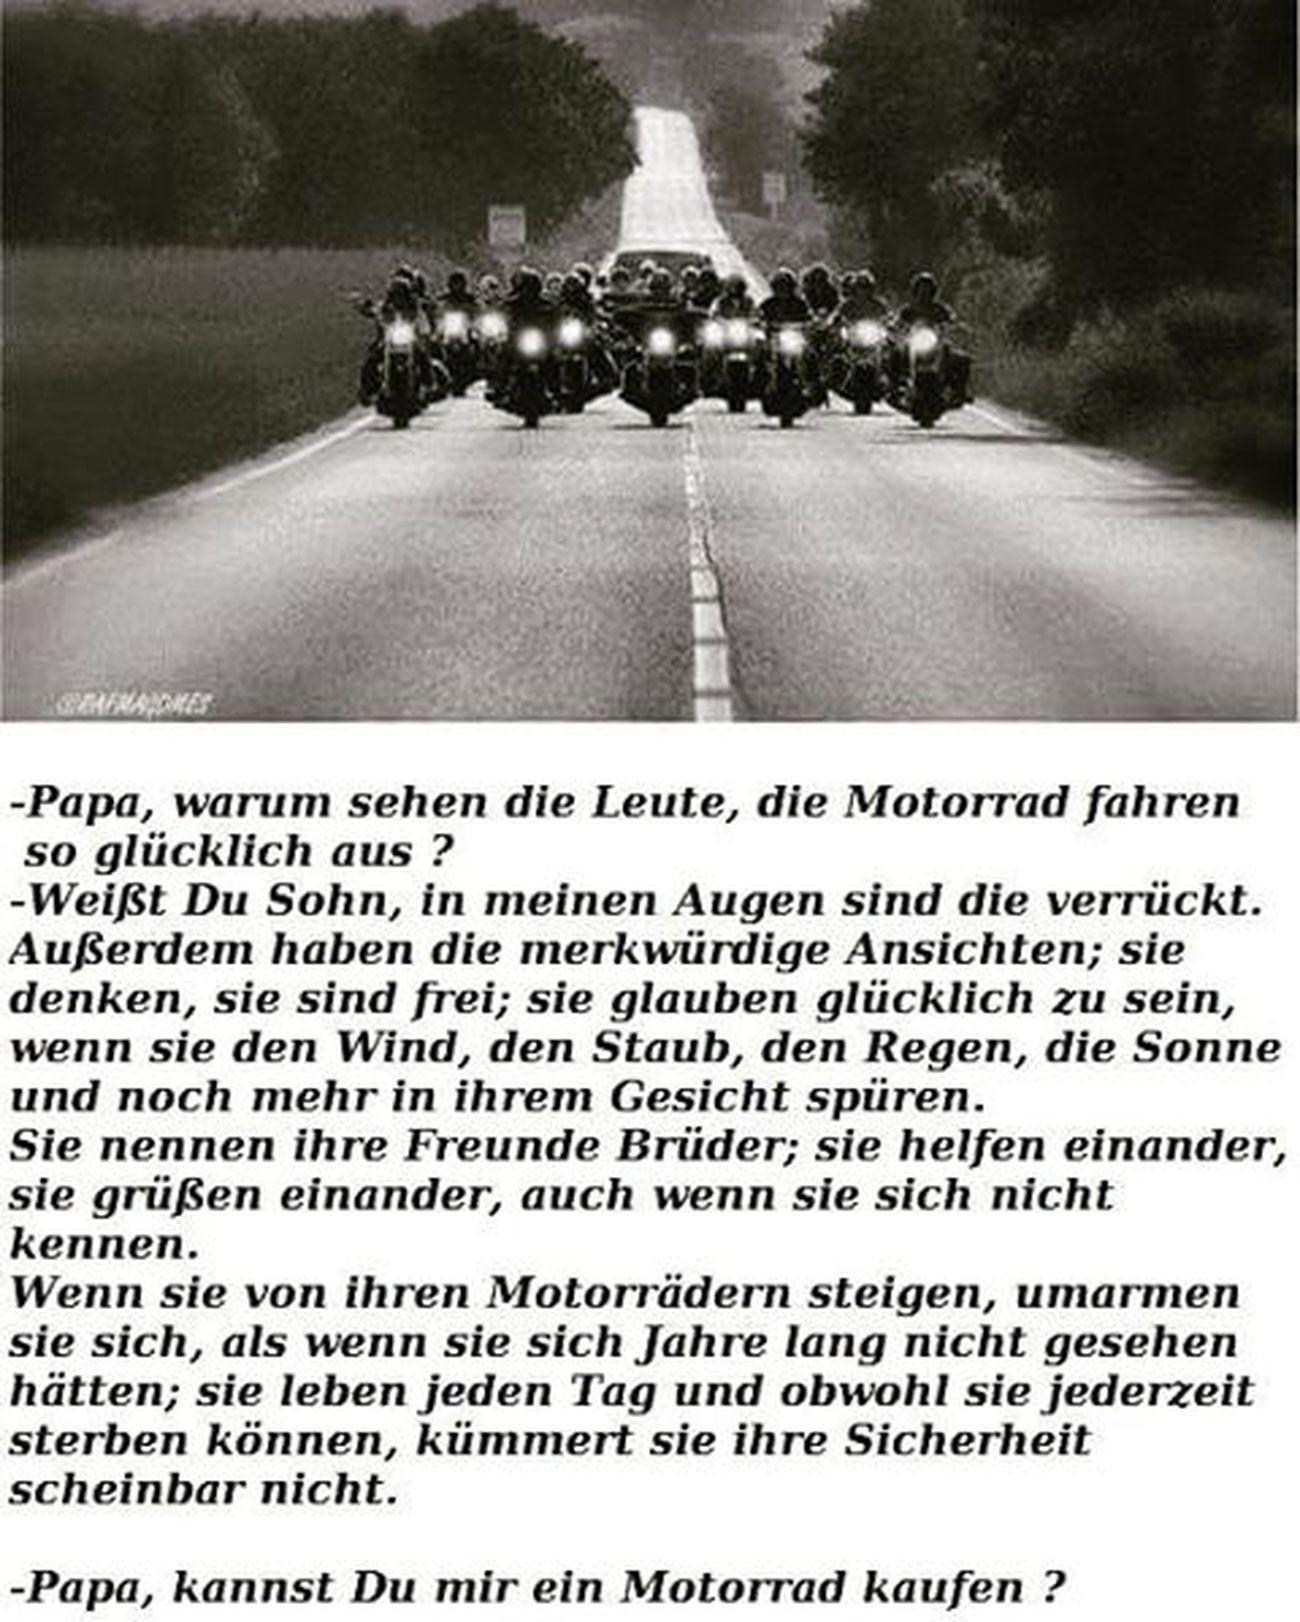 www.facebook.com/goodoldbikers Goodoldbikers Oldschool Brotherhood Motorrad Chopper Lifestyle Bruderschaft Motorradclub Respekt